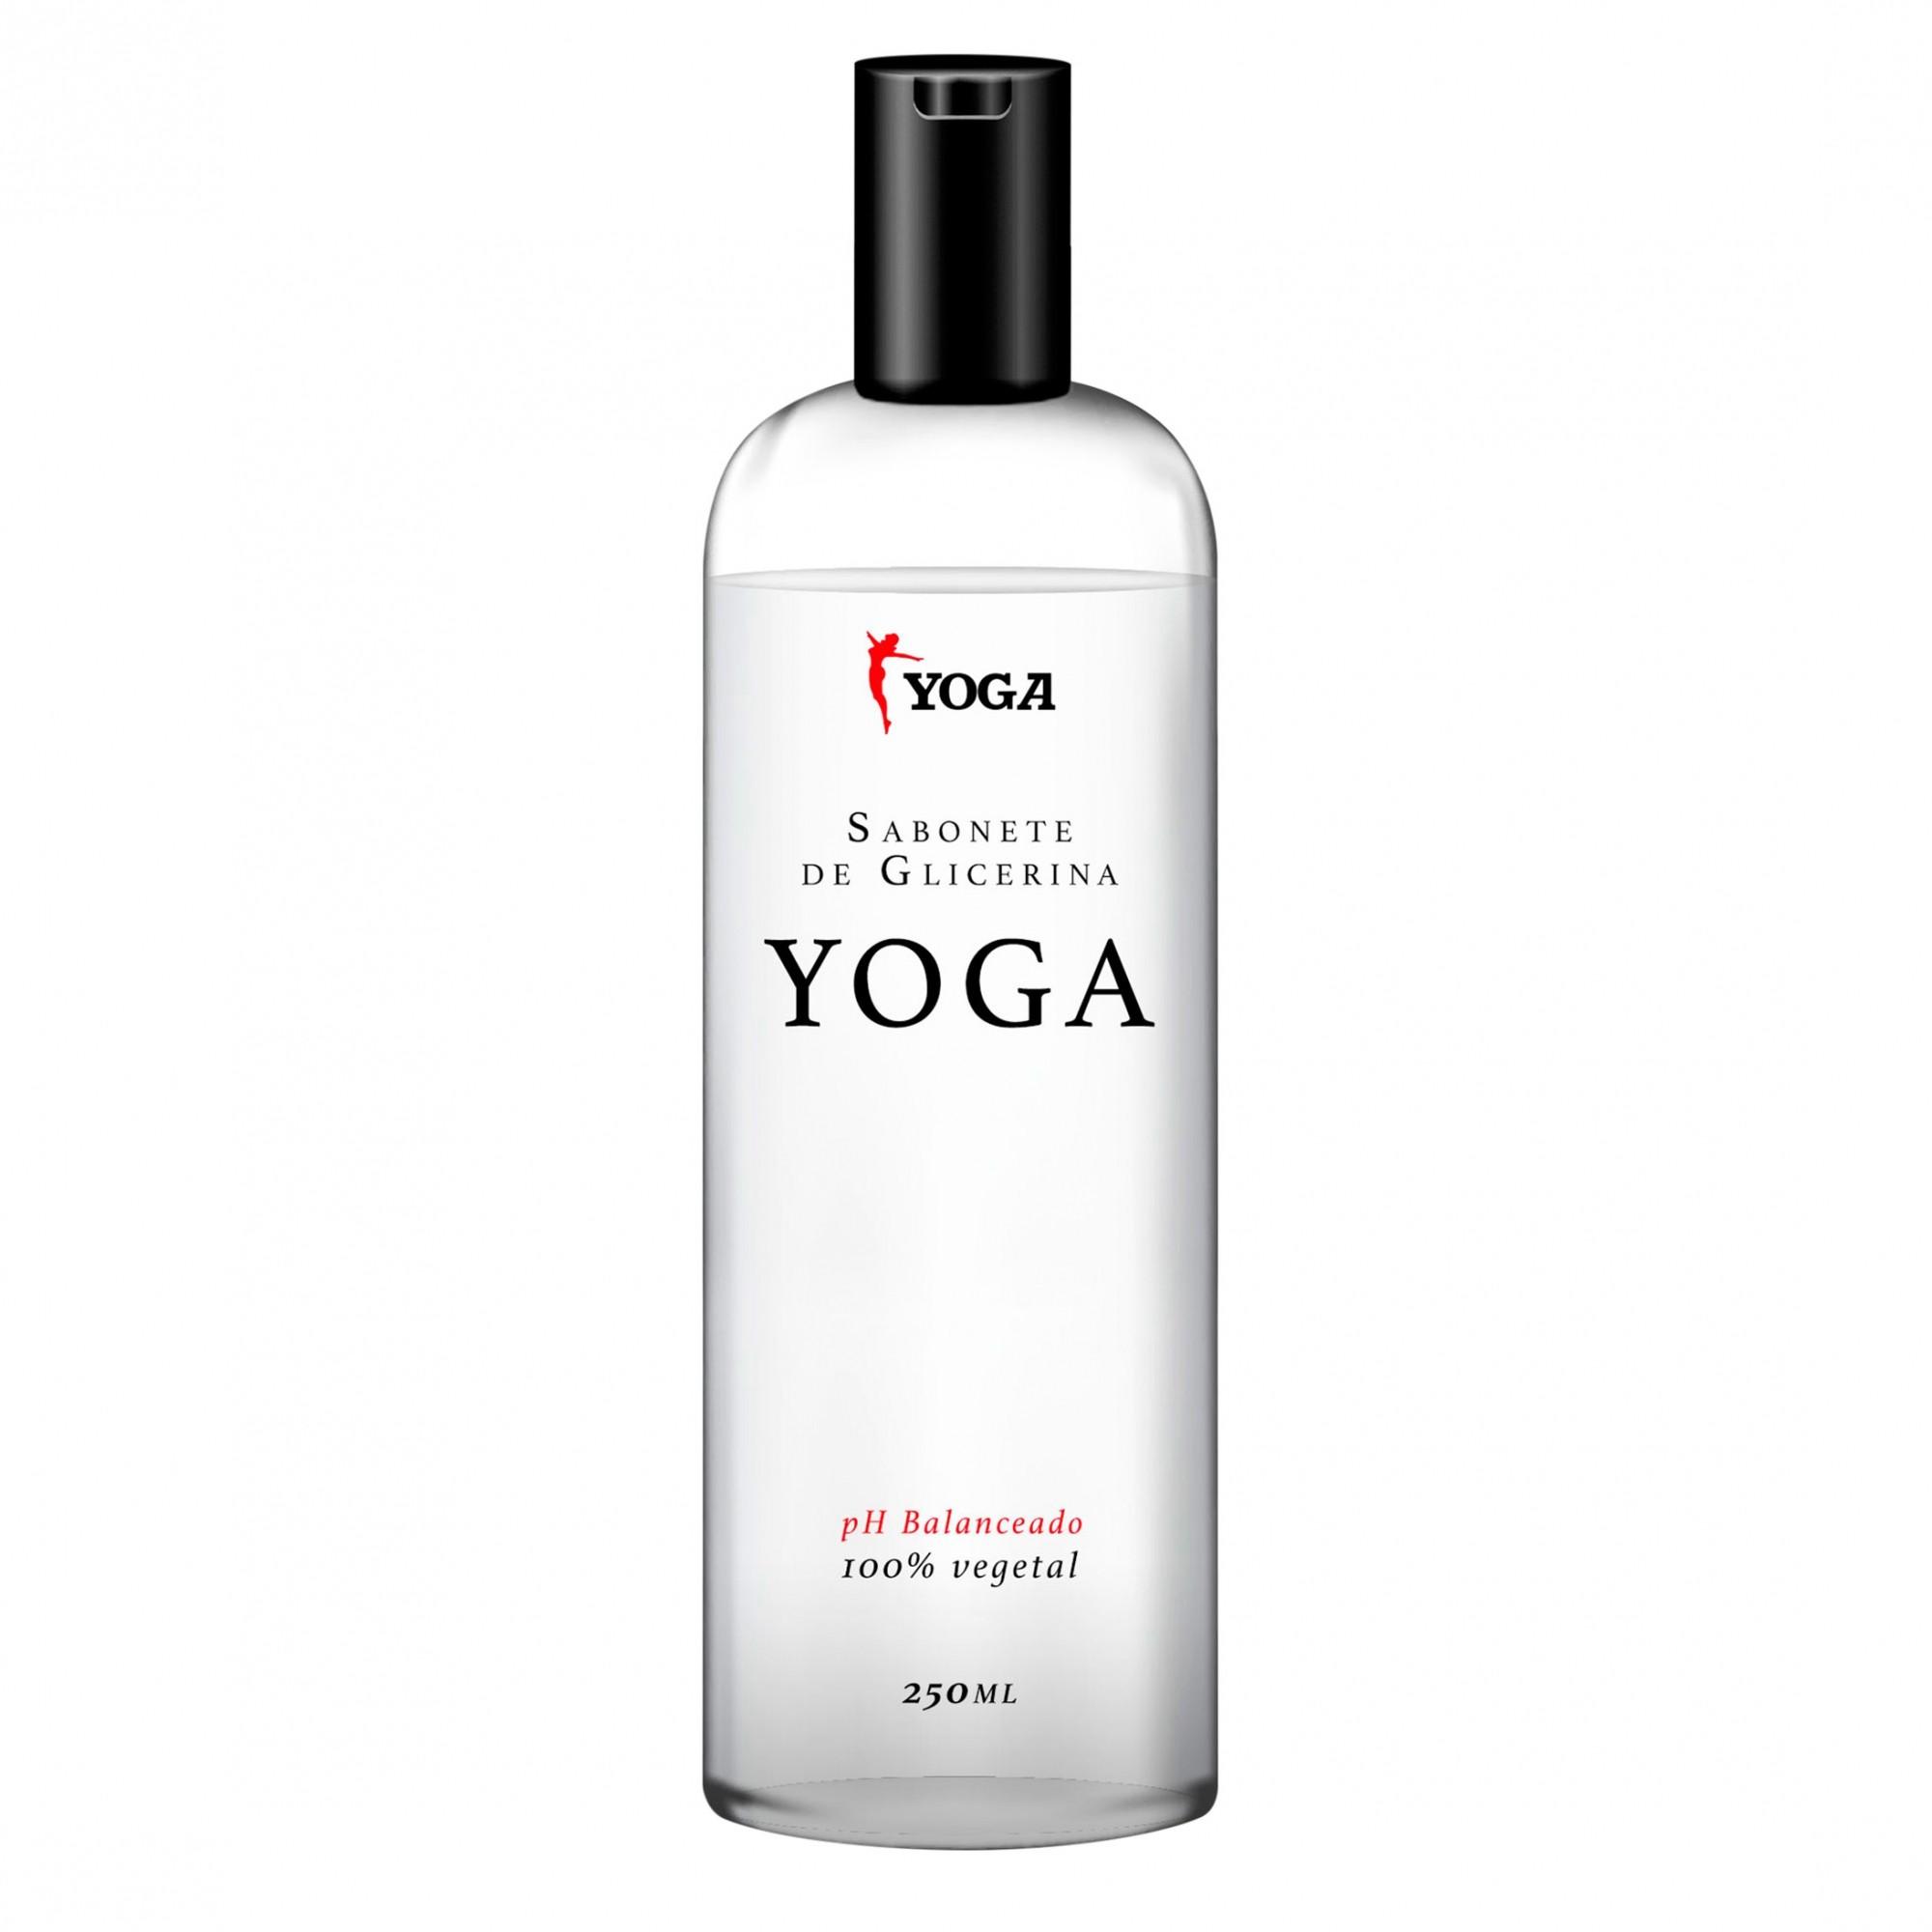 Sabonete líquido de glicerina Yoga, específico para malha compressiva 250ml